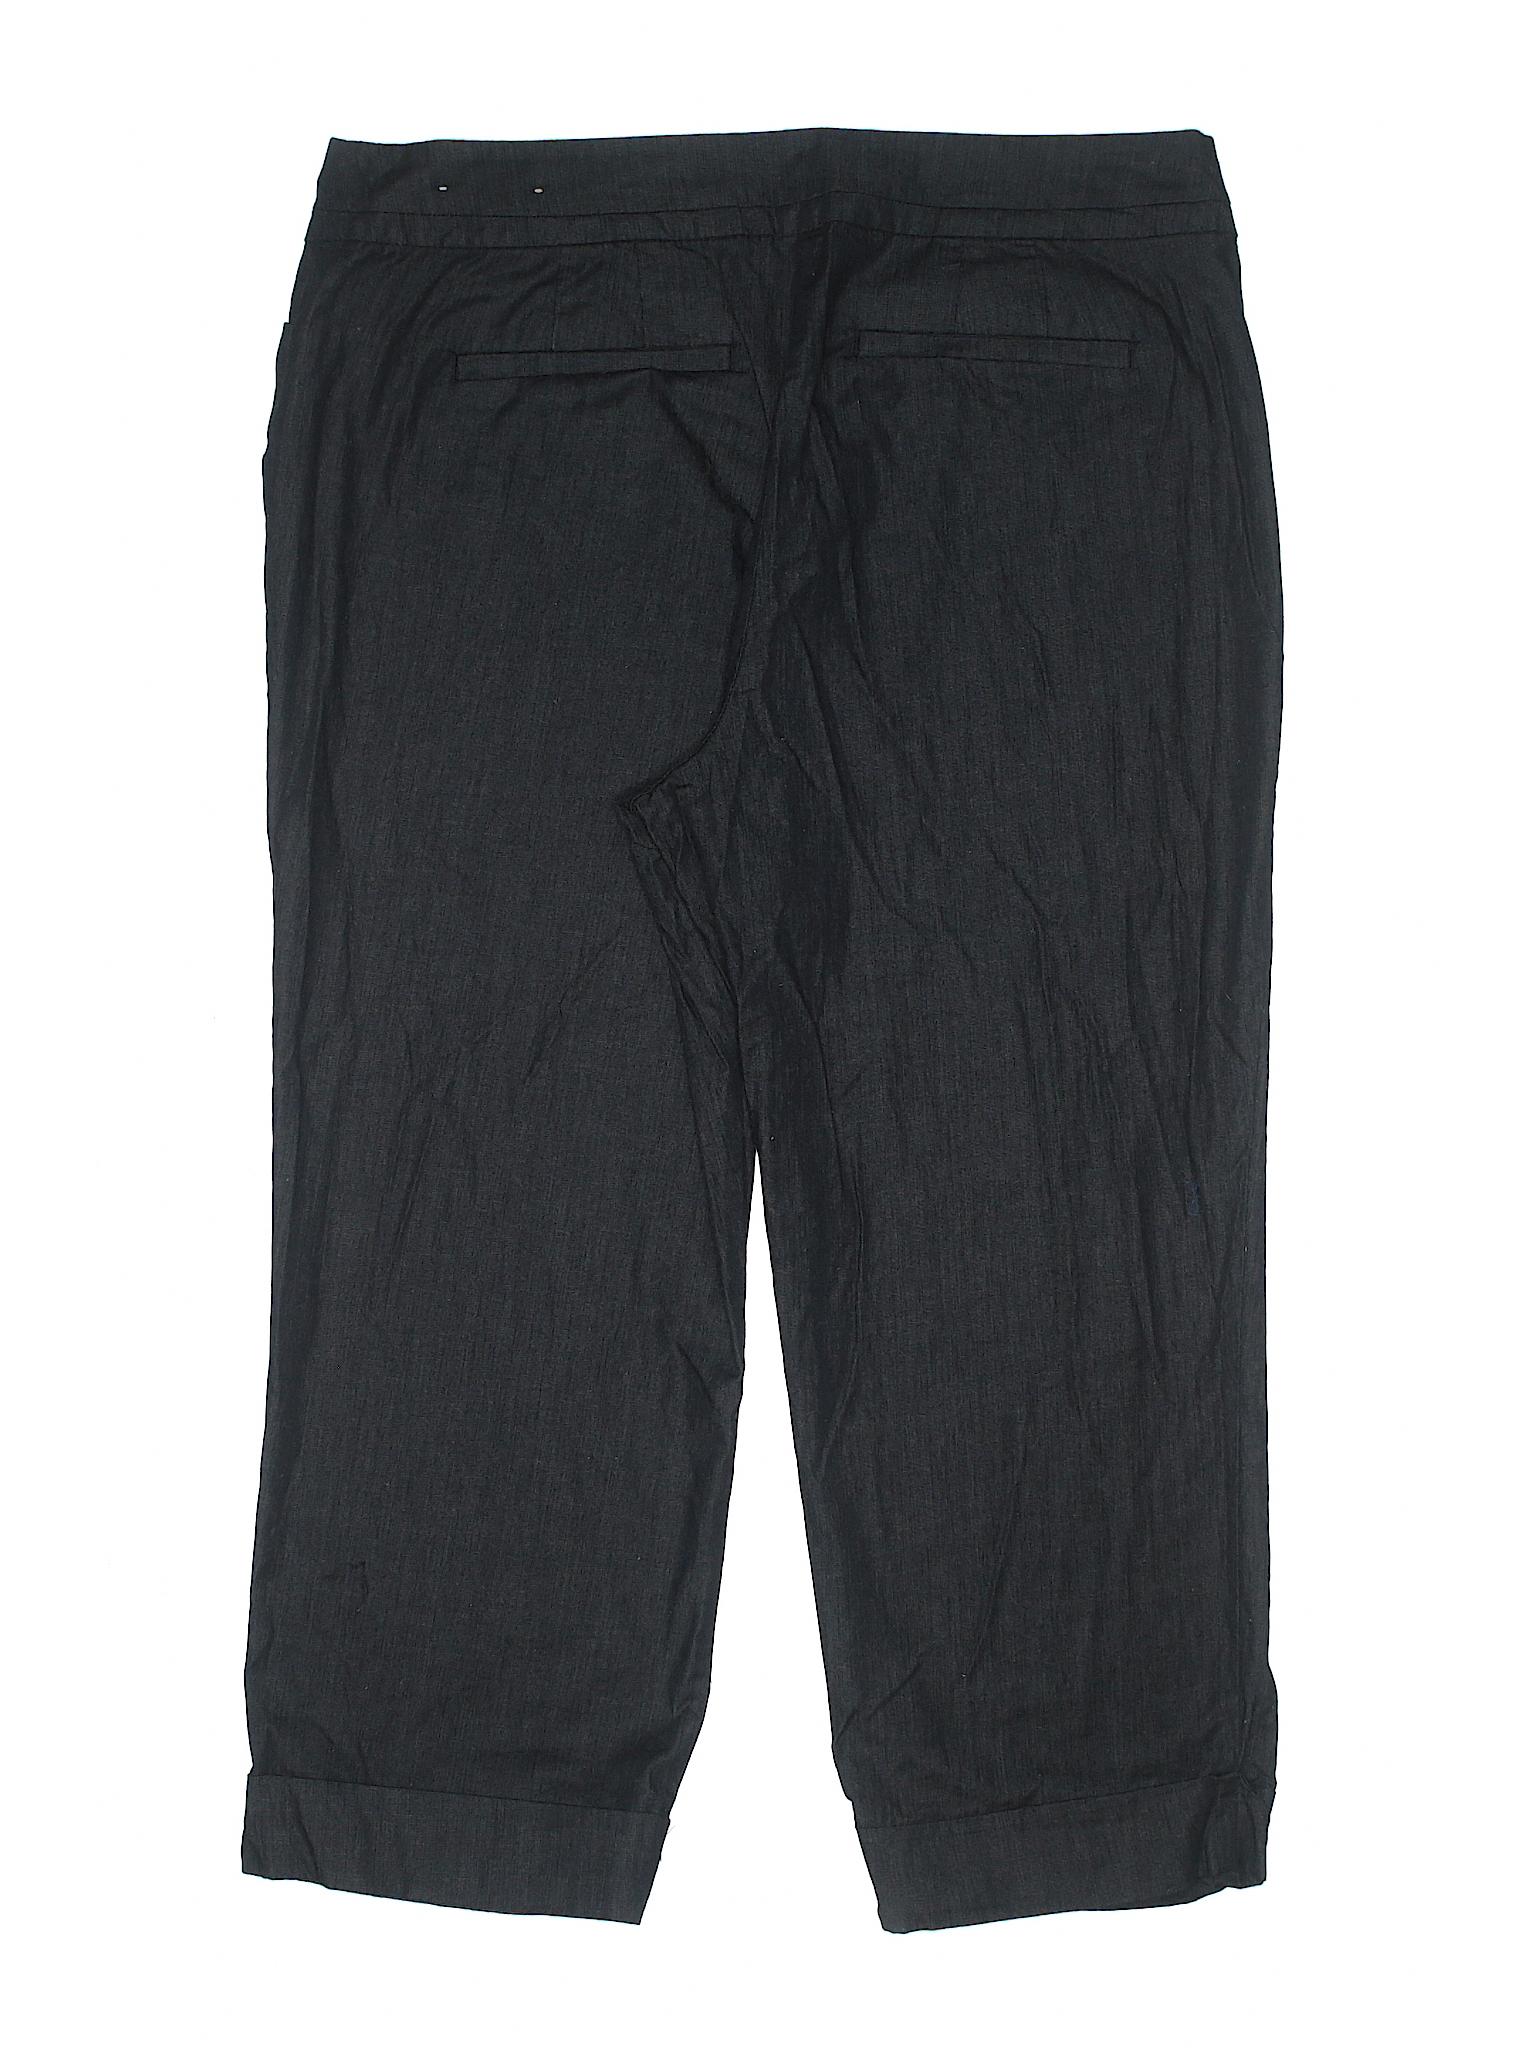 Ann Taylor Factory Khakis Leisure Boutique UZwq7U